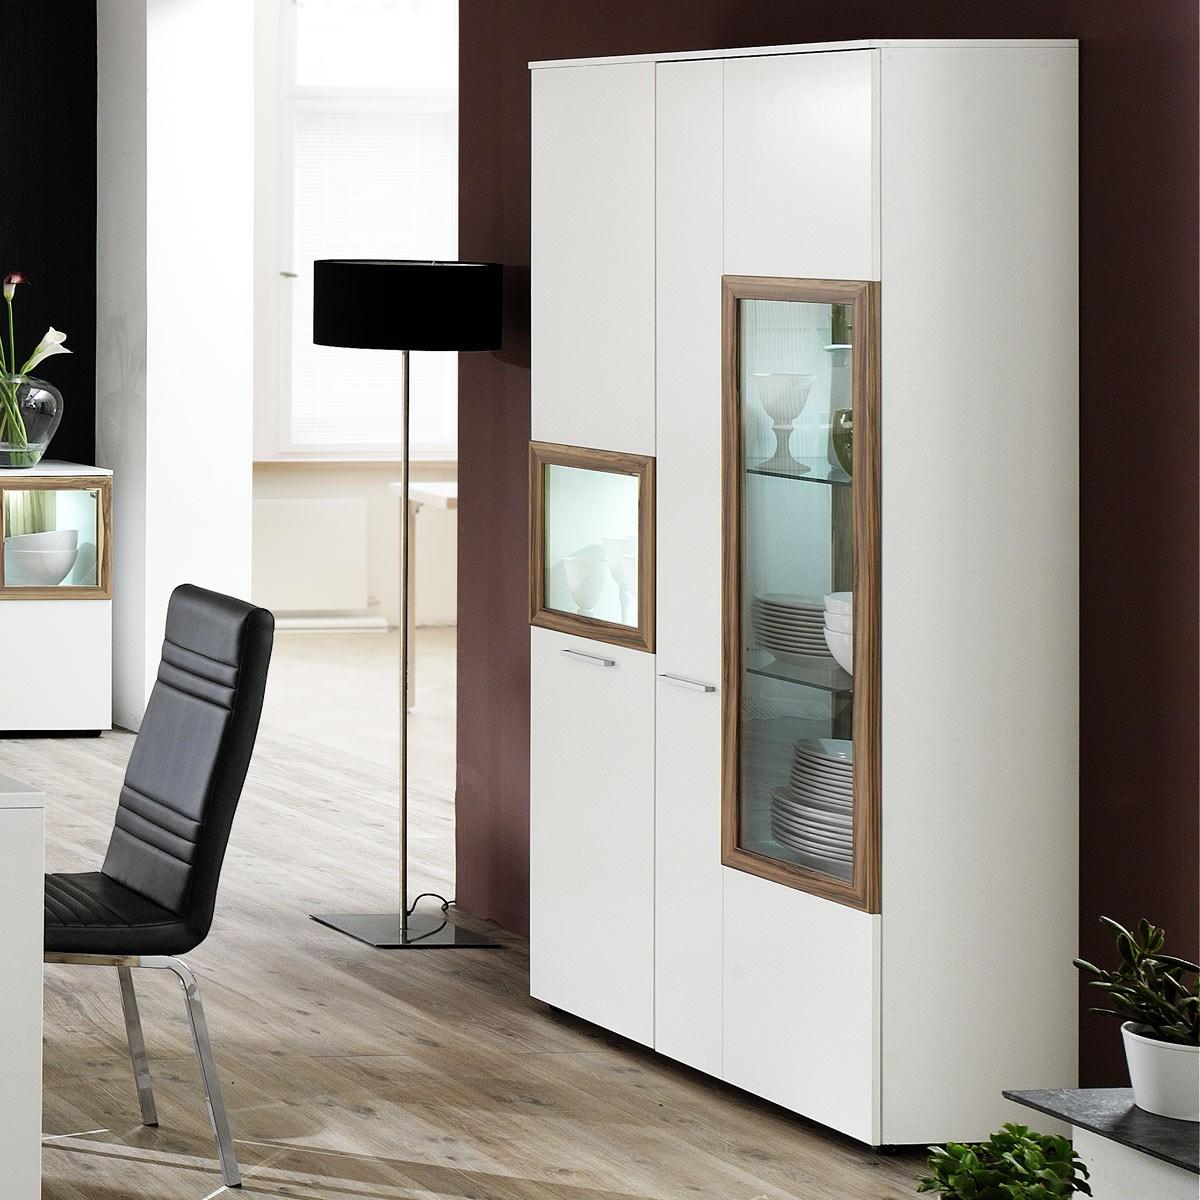 vitrine weiss hochglanz r ckwand schwarz woody 31 00348. Black Bedroom Furniture Sets. Home Design Ideas